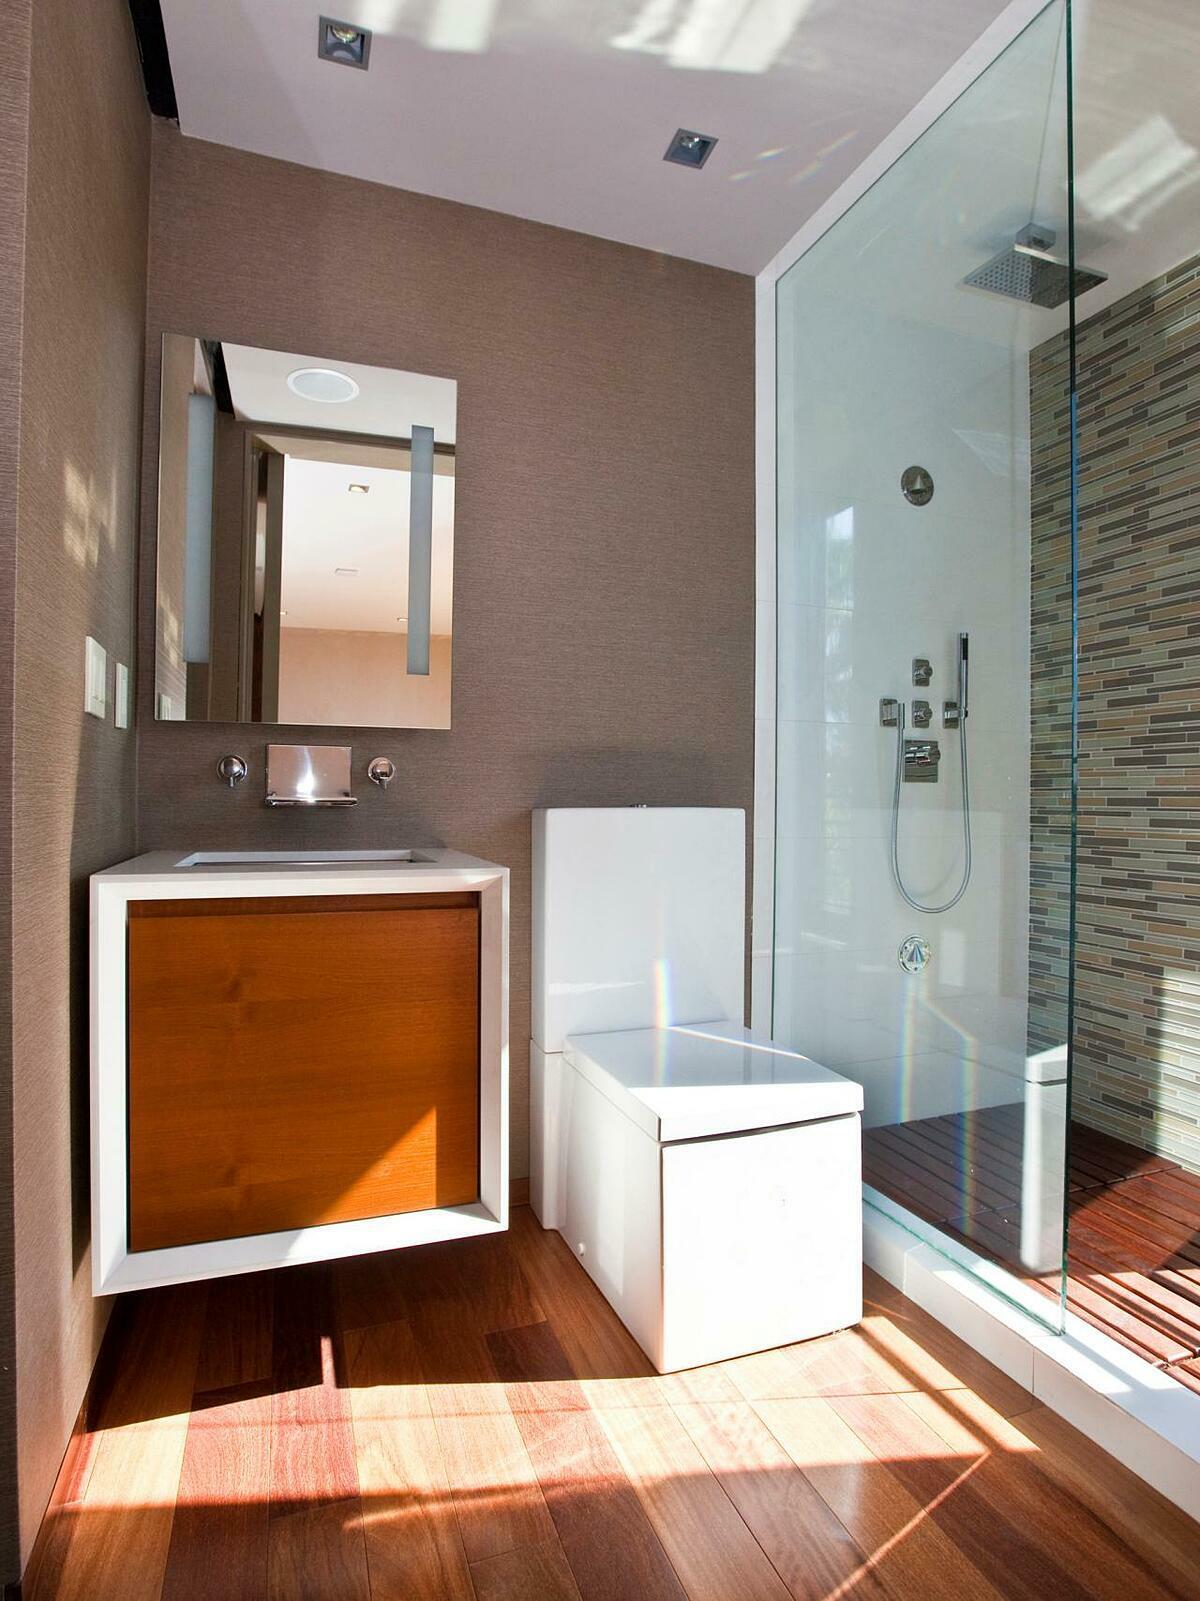 Phòng tắm Nhật Bản thường được thiết kế tối giản nhưng tiện nghi.